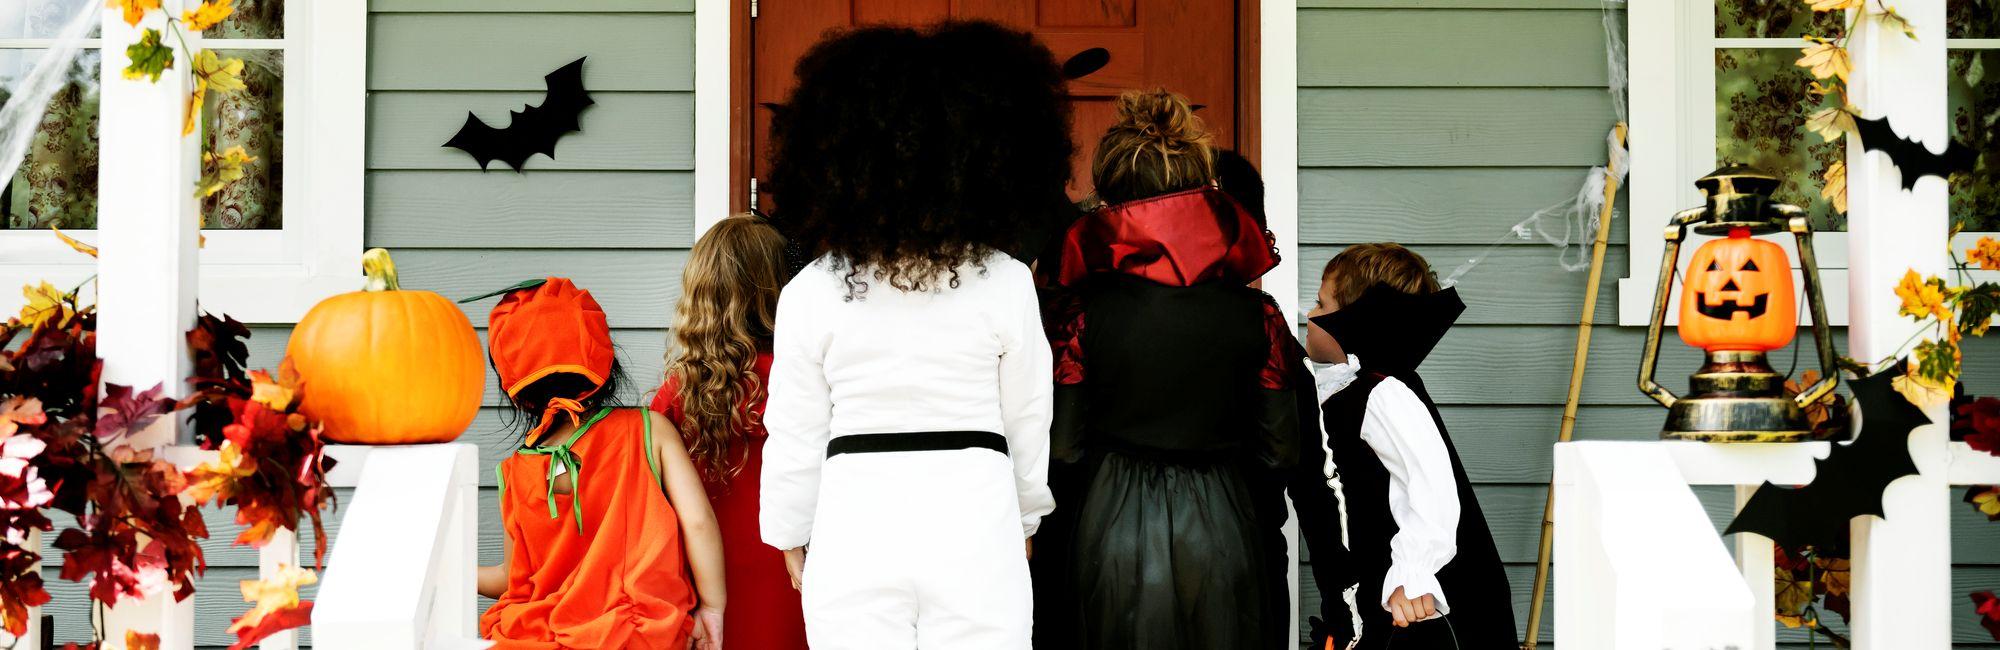 brainerd-mn-halloween-events-1